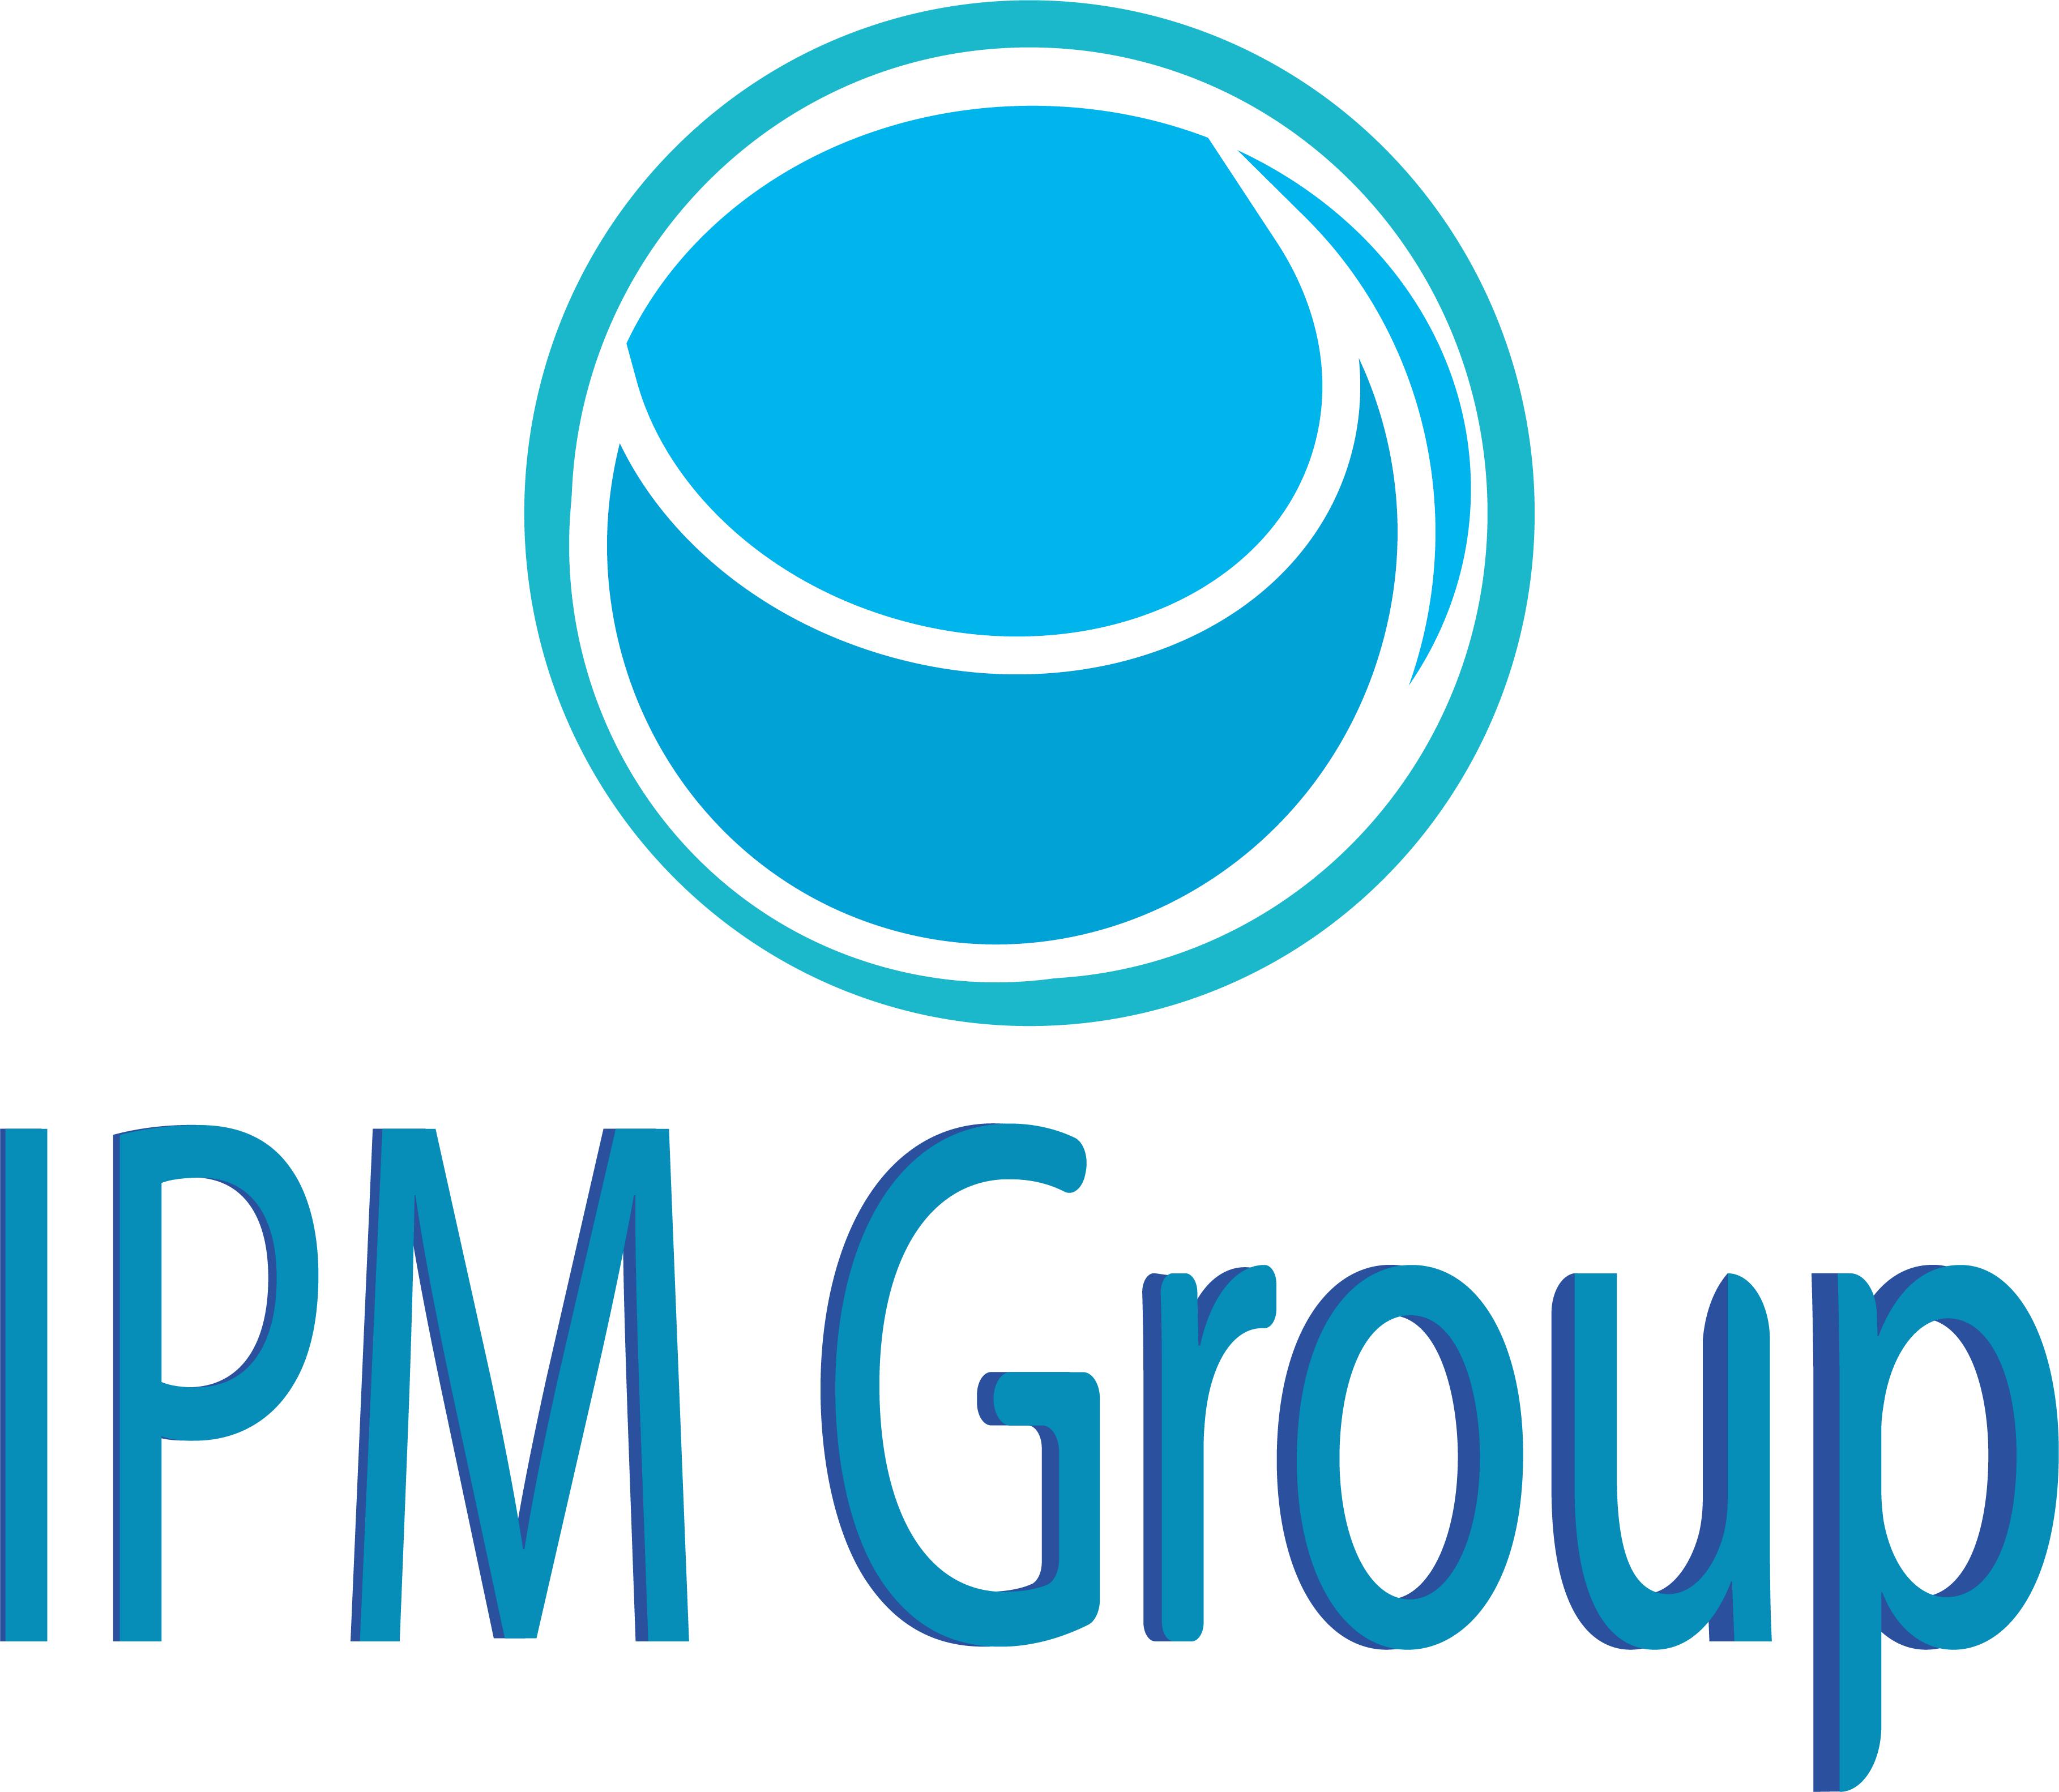 Разработка логотипа для управляющей компании фото f_3155f84b244a1048.png